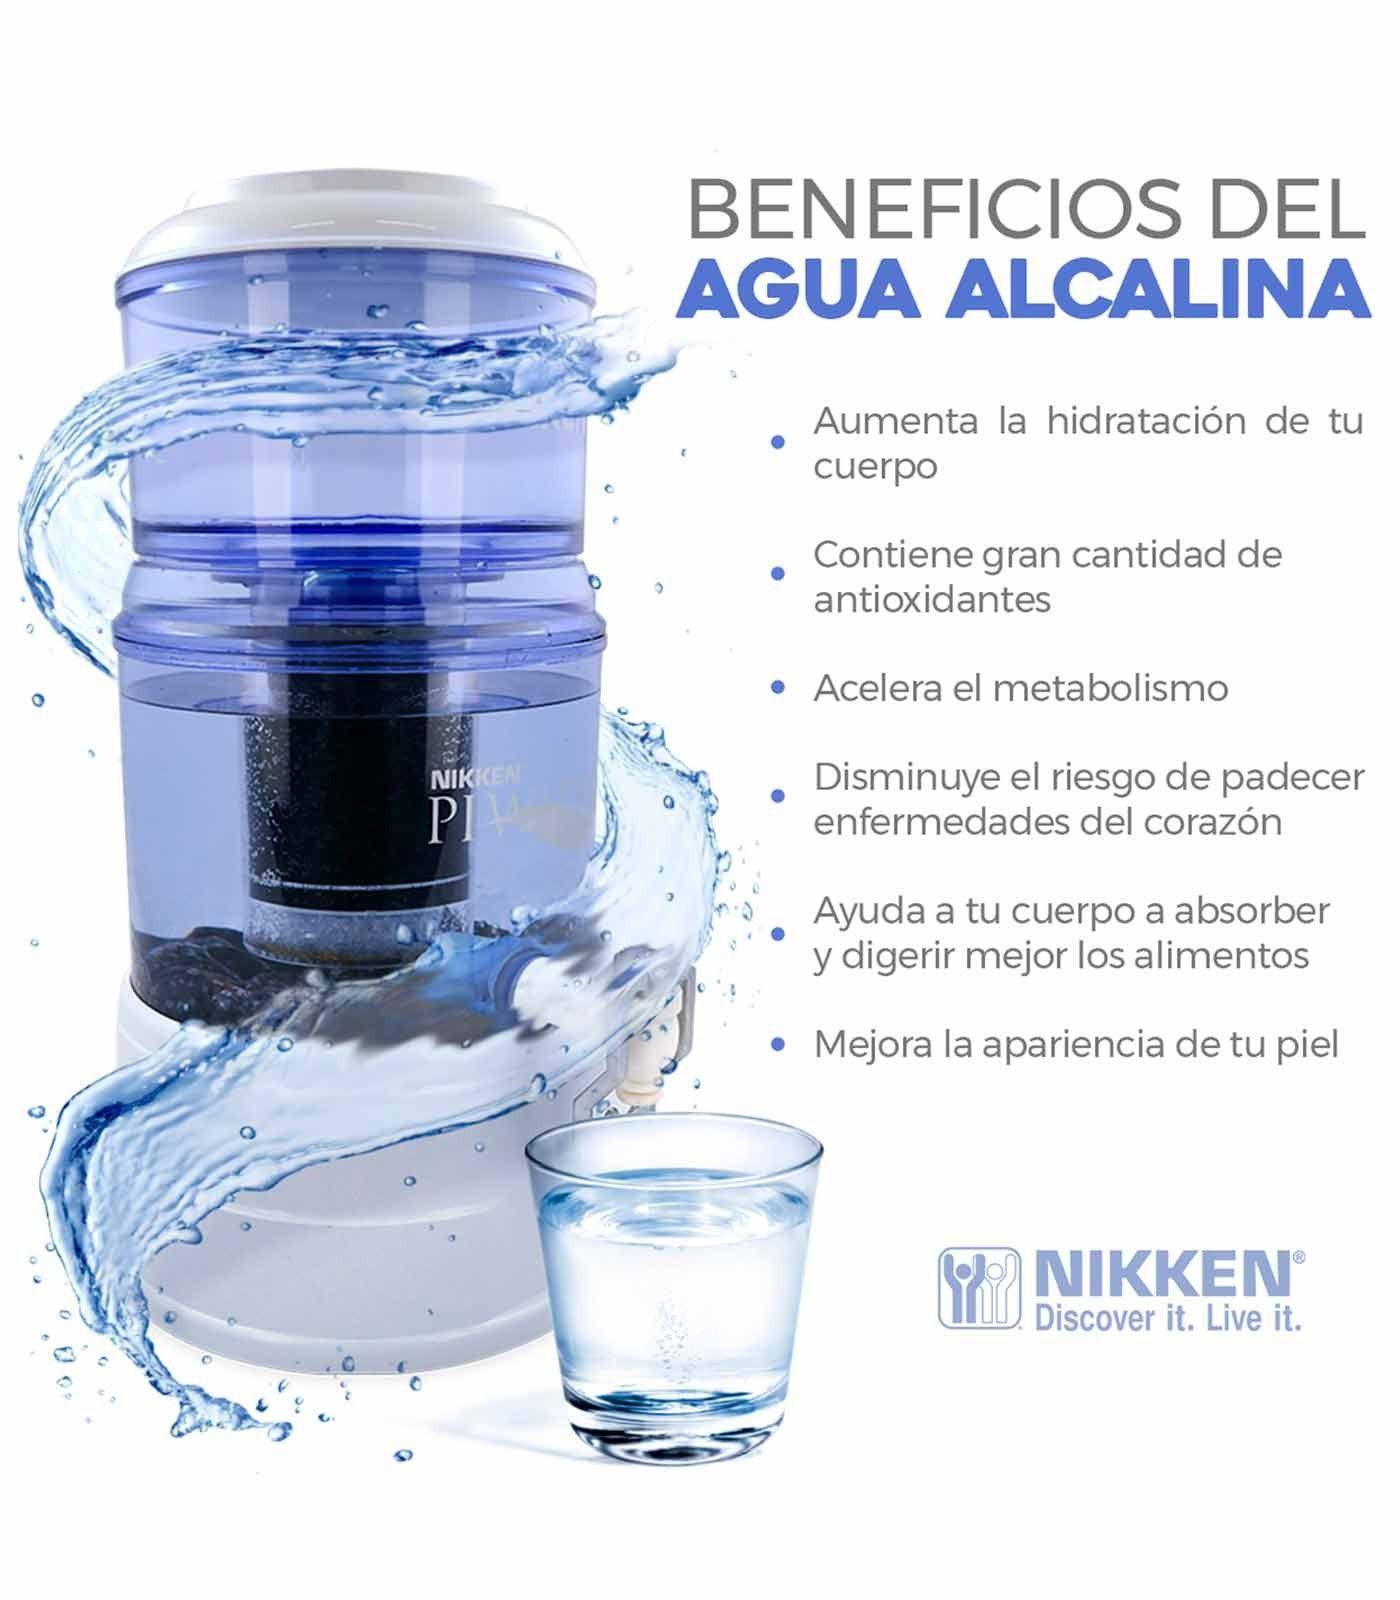 67 Ideas De Recarga Botellones Agua Purificada Agua Agua Embotellada